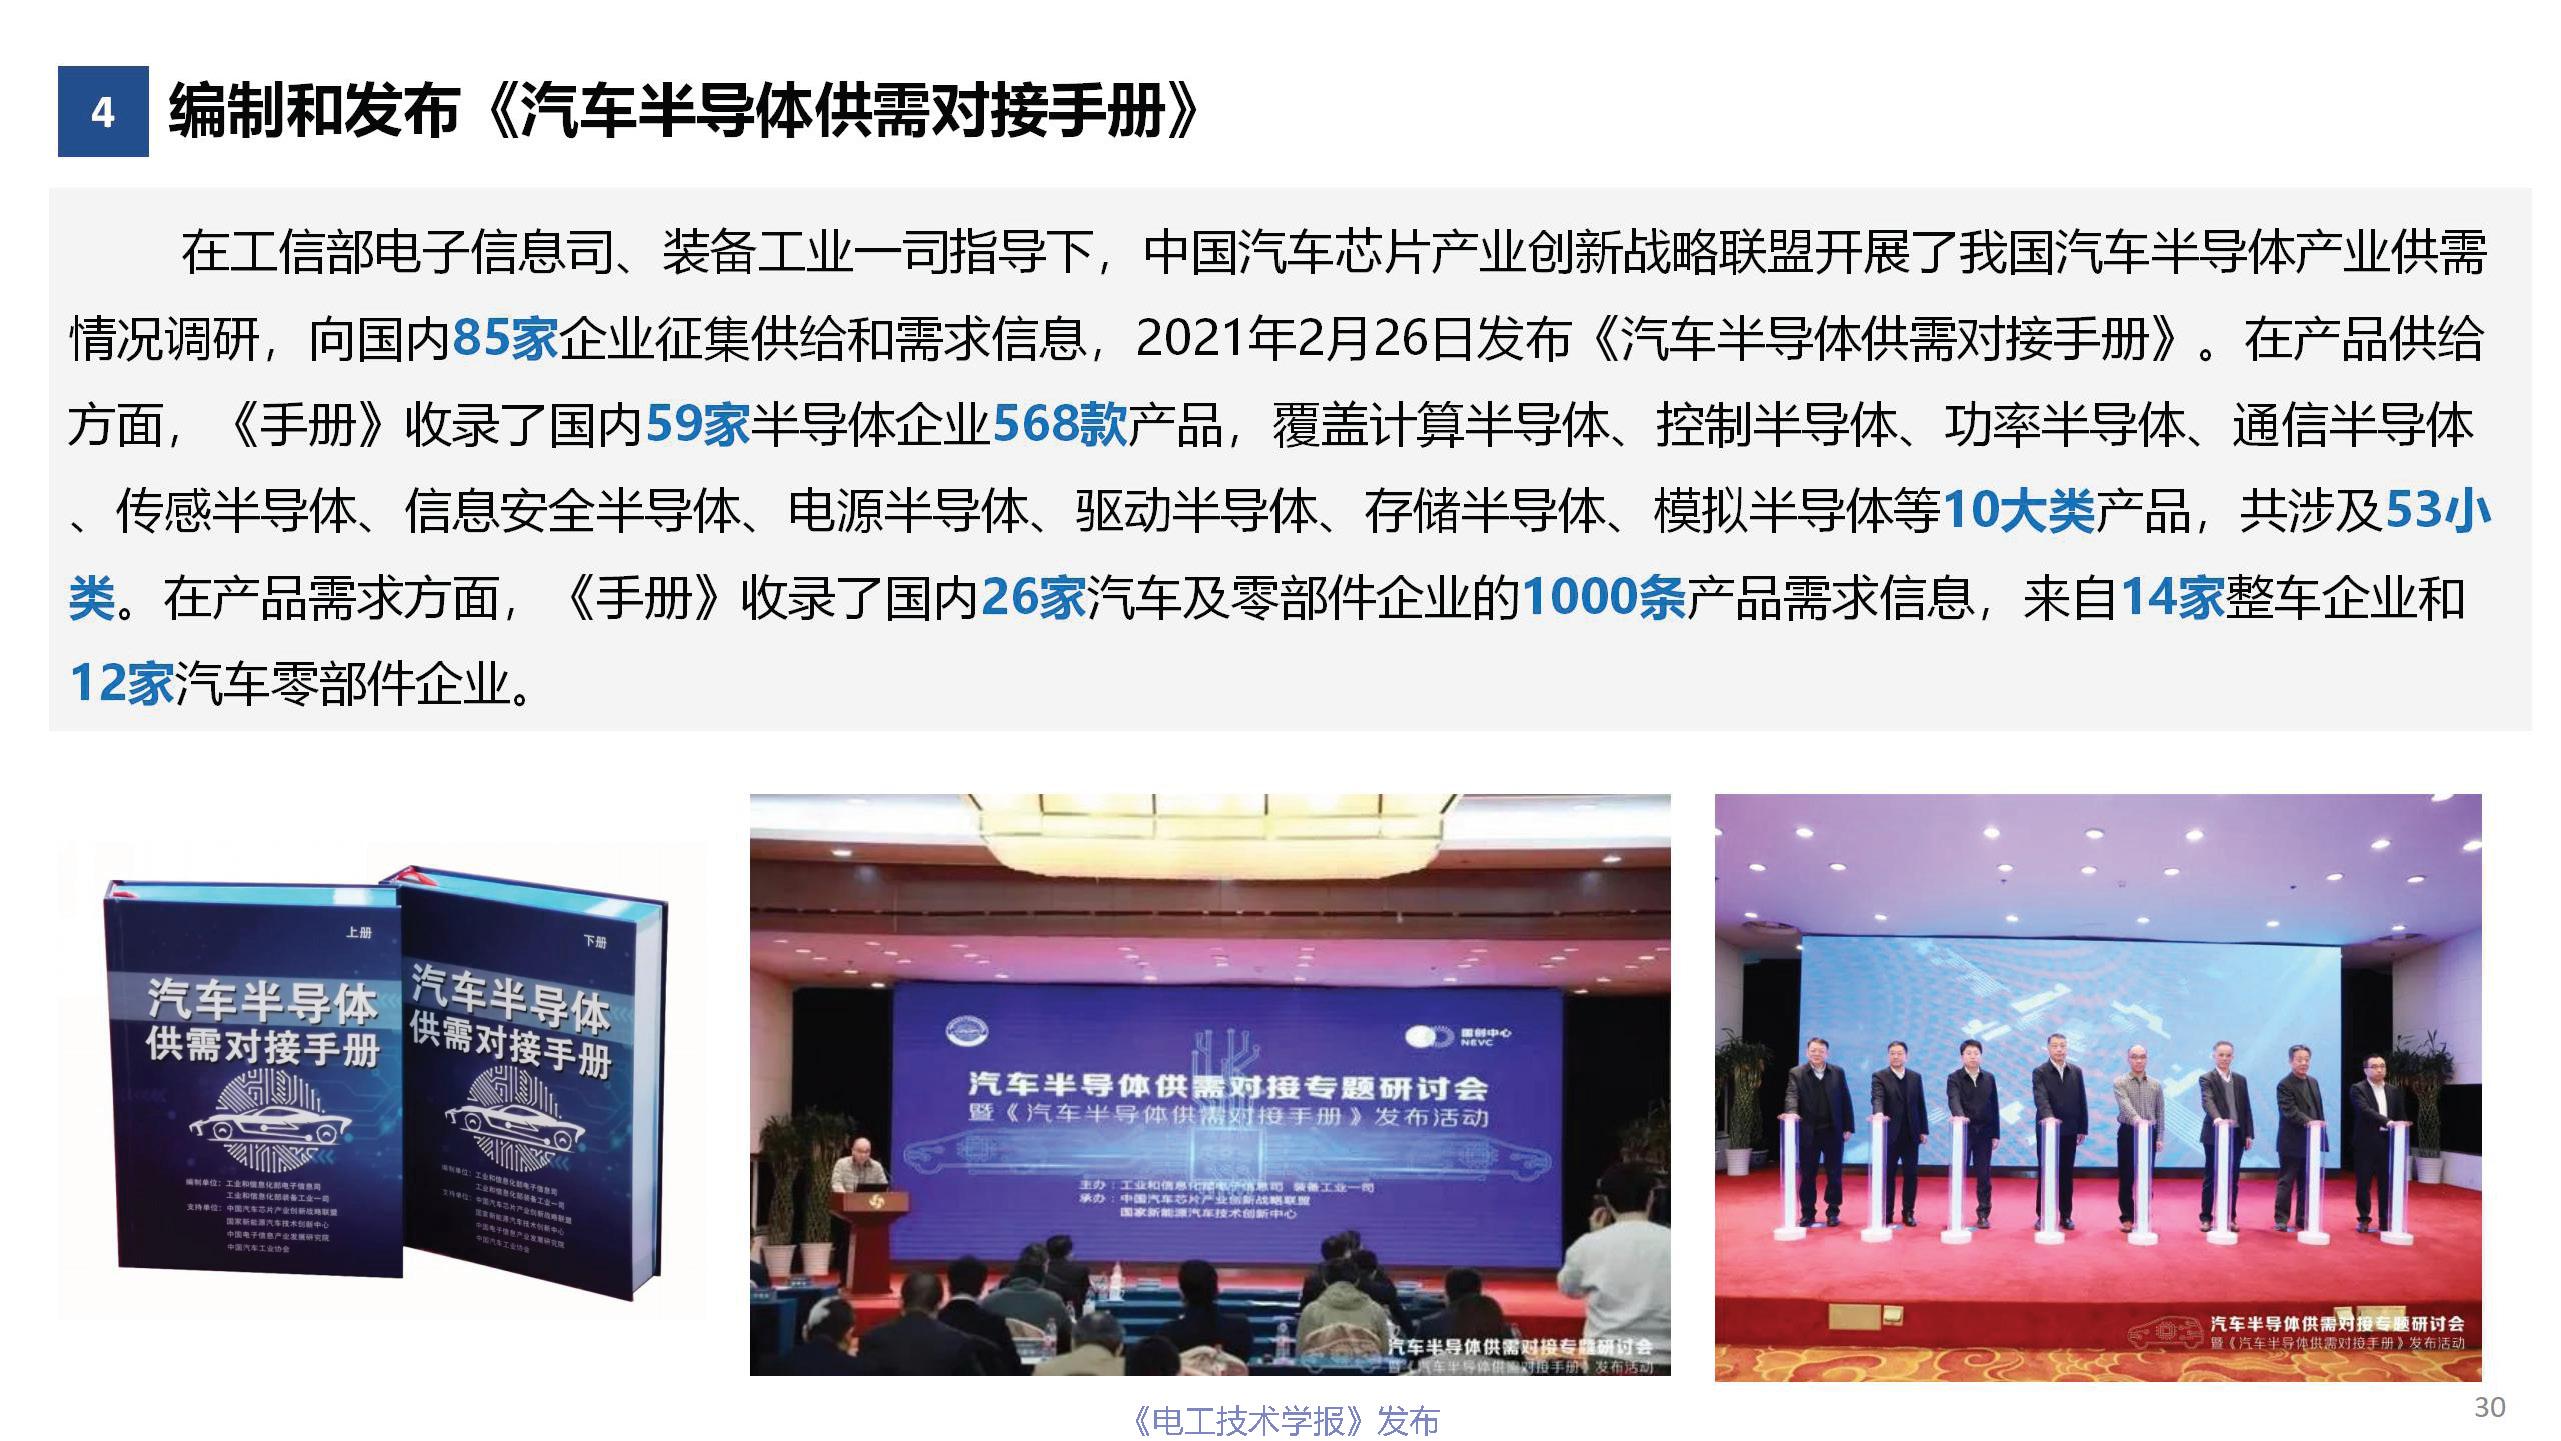 行业深度报告:中国汽车芯片产业的机遇挑战与应对策略